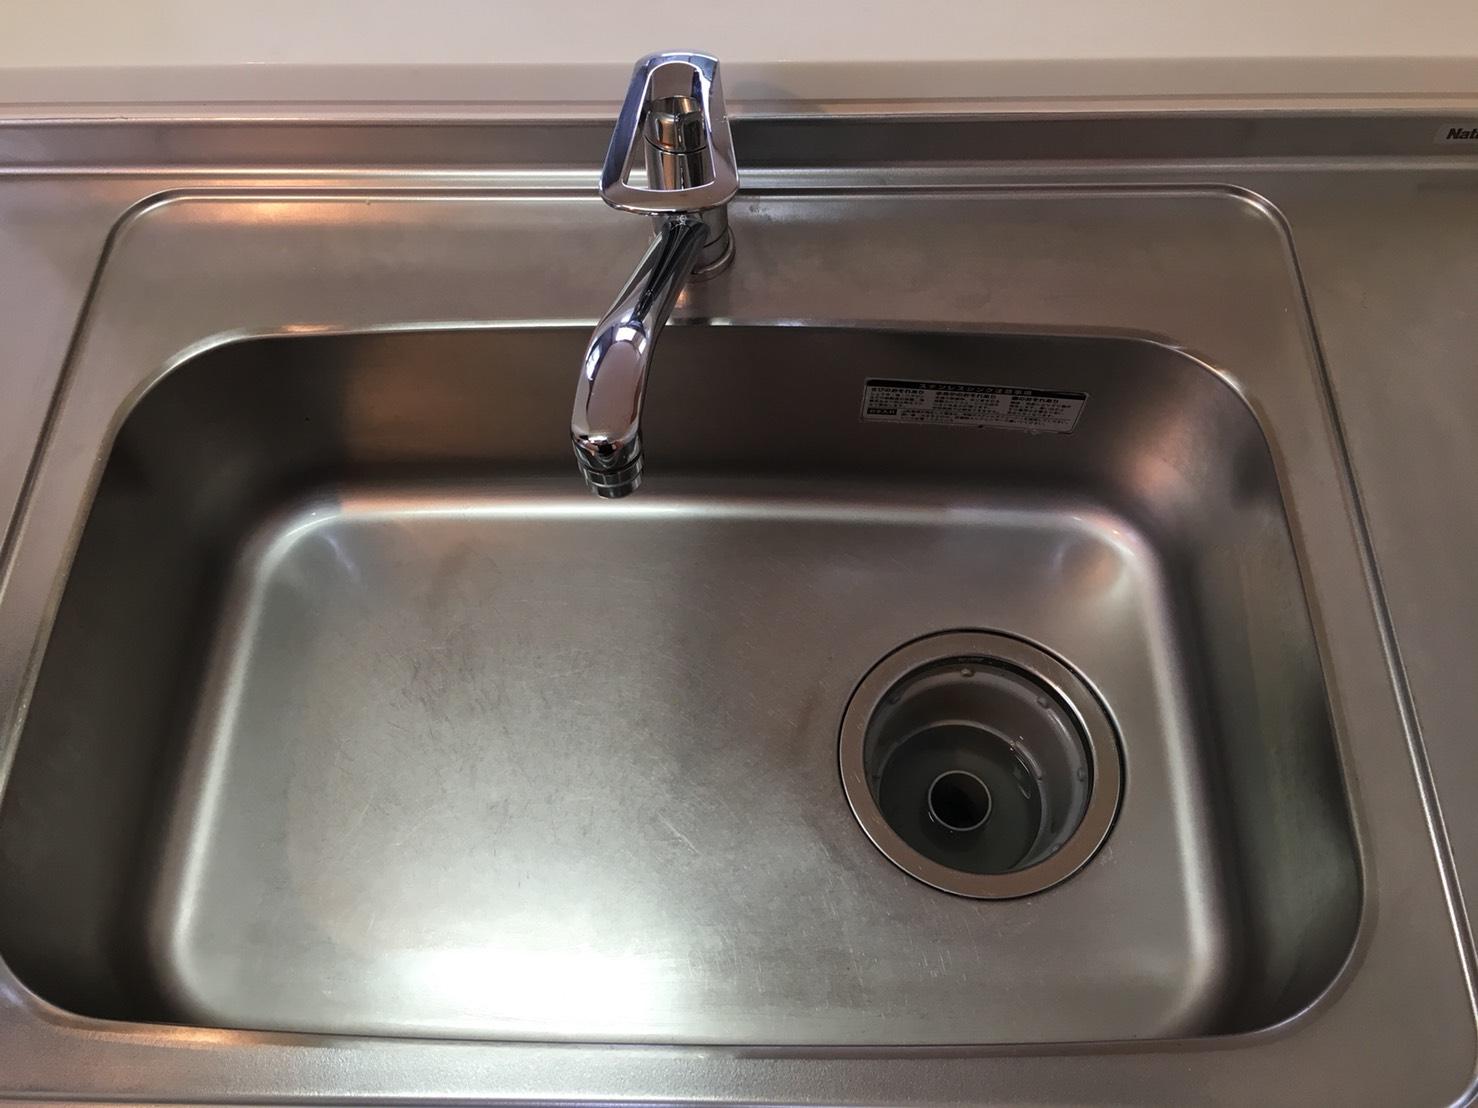 キッチンの「シンク清掃」シンクの水アカをクリーニング!プロのおそうじ、おそうじプラスにおまかせ下さい!✉📱072-768-9969 info@osouji-plus.com